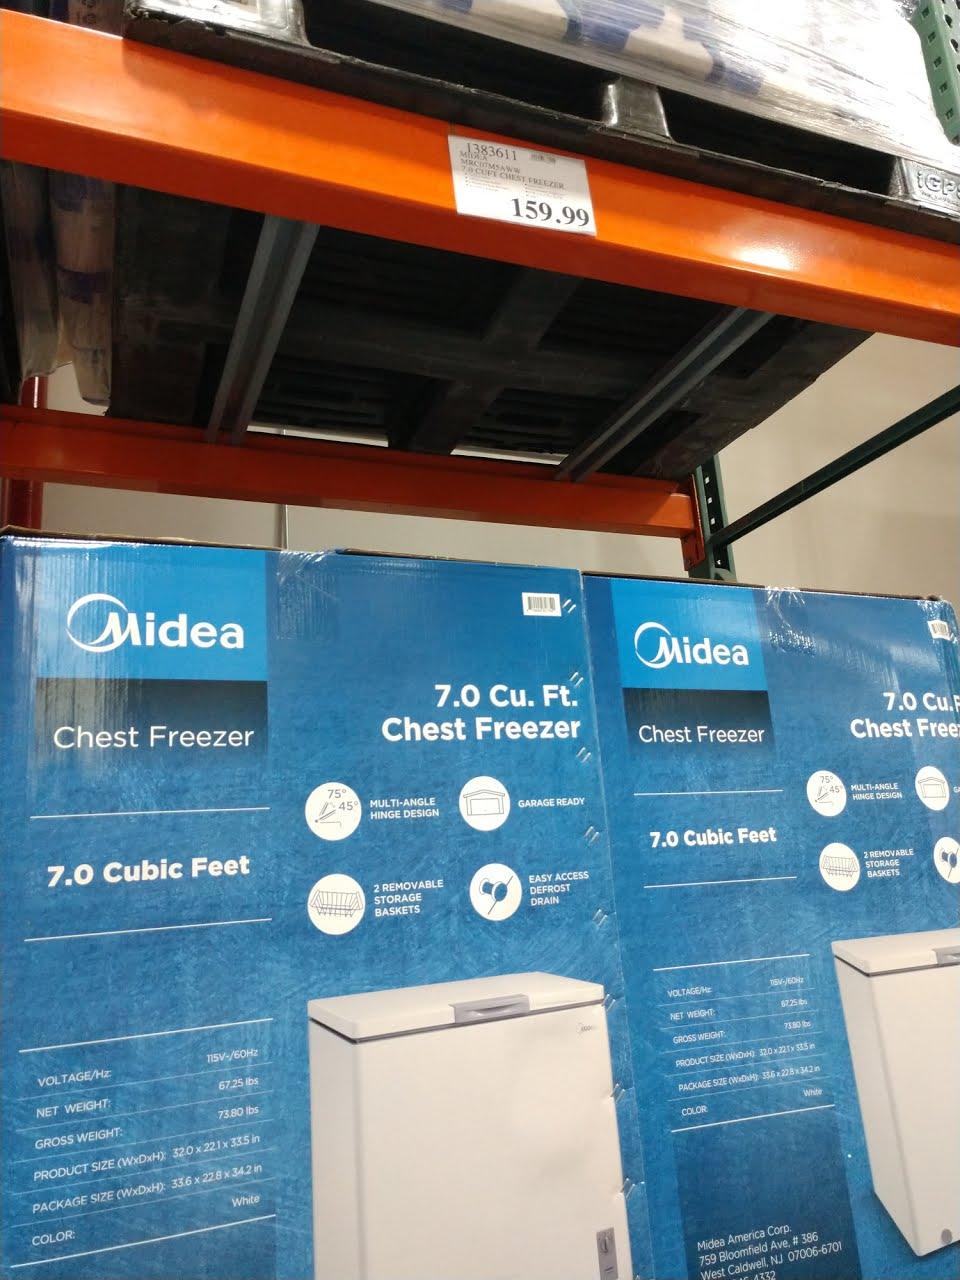 Midea 7.0 Cu Ft Top Draw Freezer $160 at Costco B&M YMMV